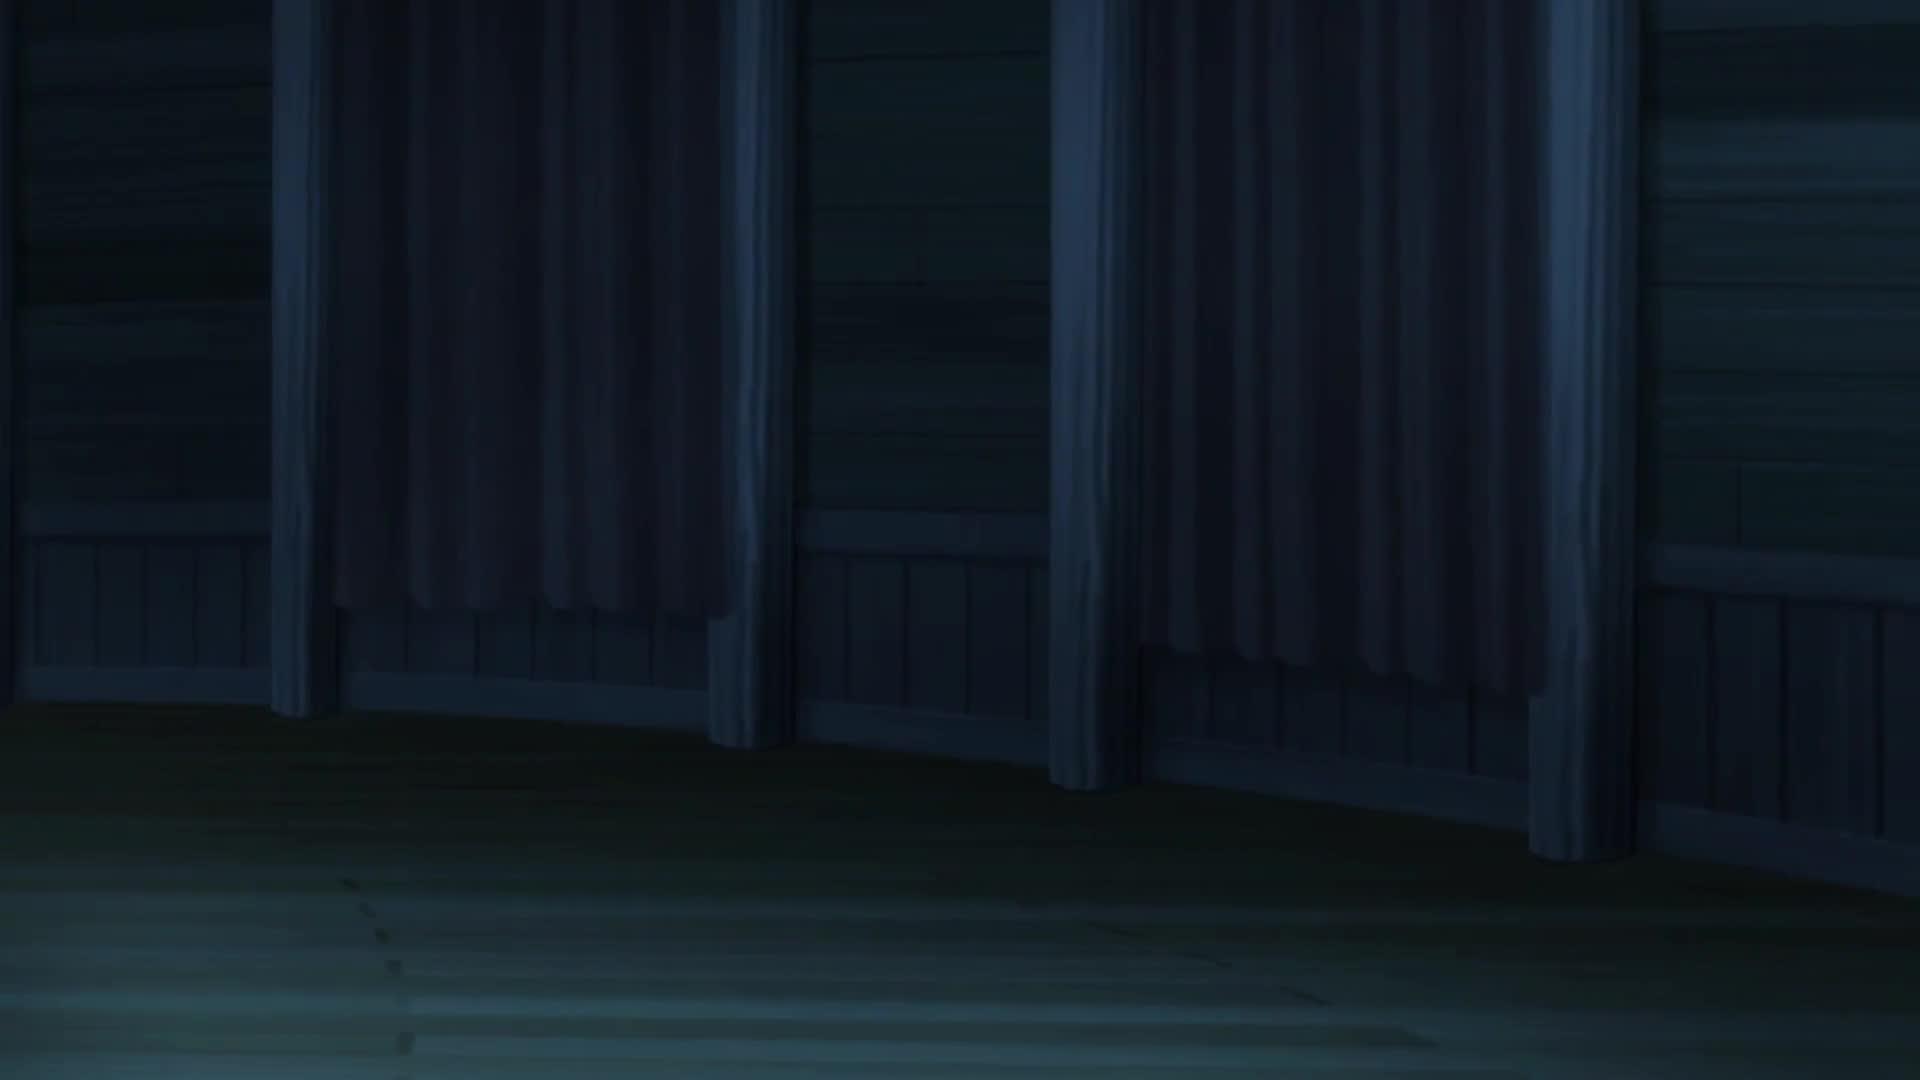 94화 고스트포켓몬 대집합! 공포체험 귀신의 집!!